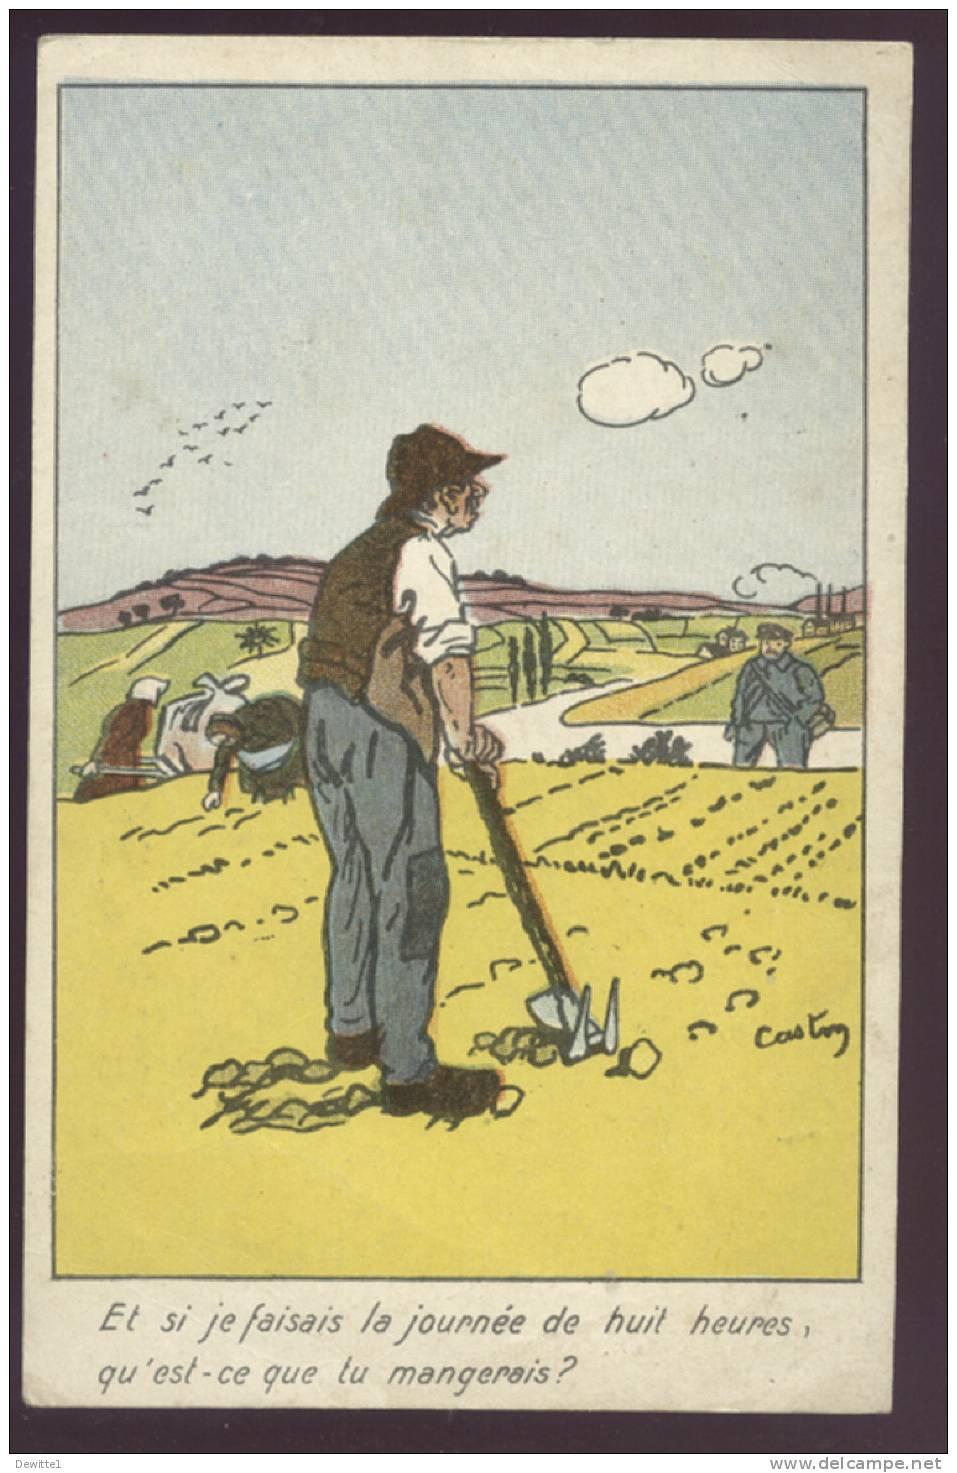 Politique Carte  Et Si Je Faisais La Journée De Huit Heures,qu'est Ce Que Je Mangerais ? - Satirical